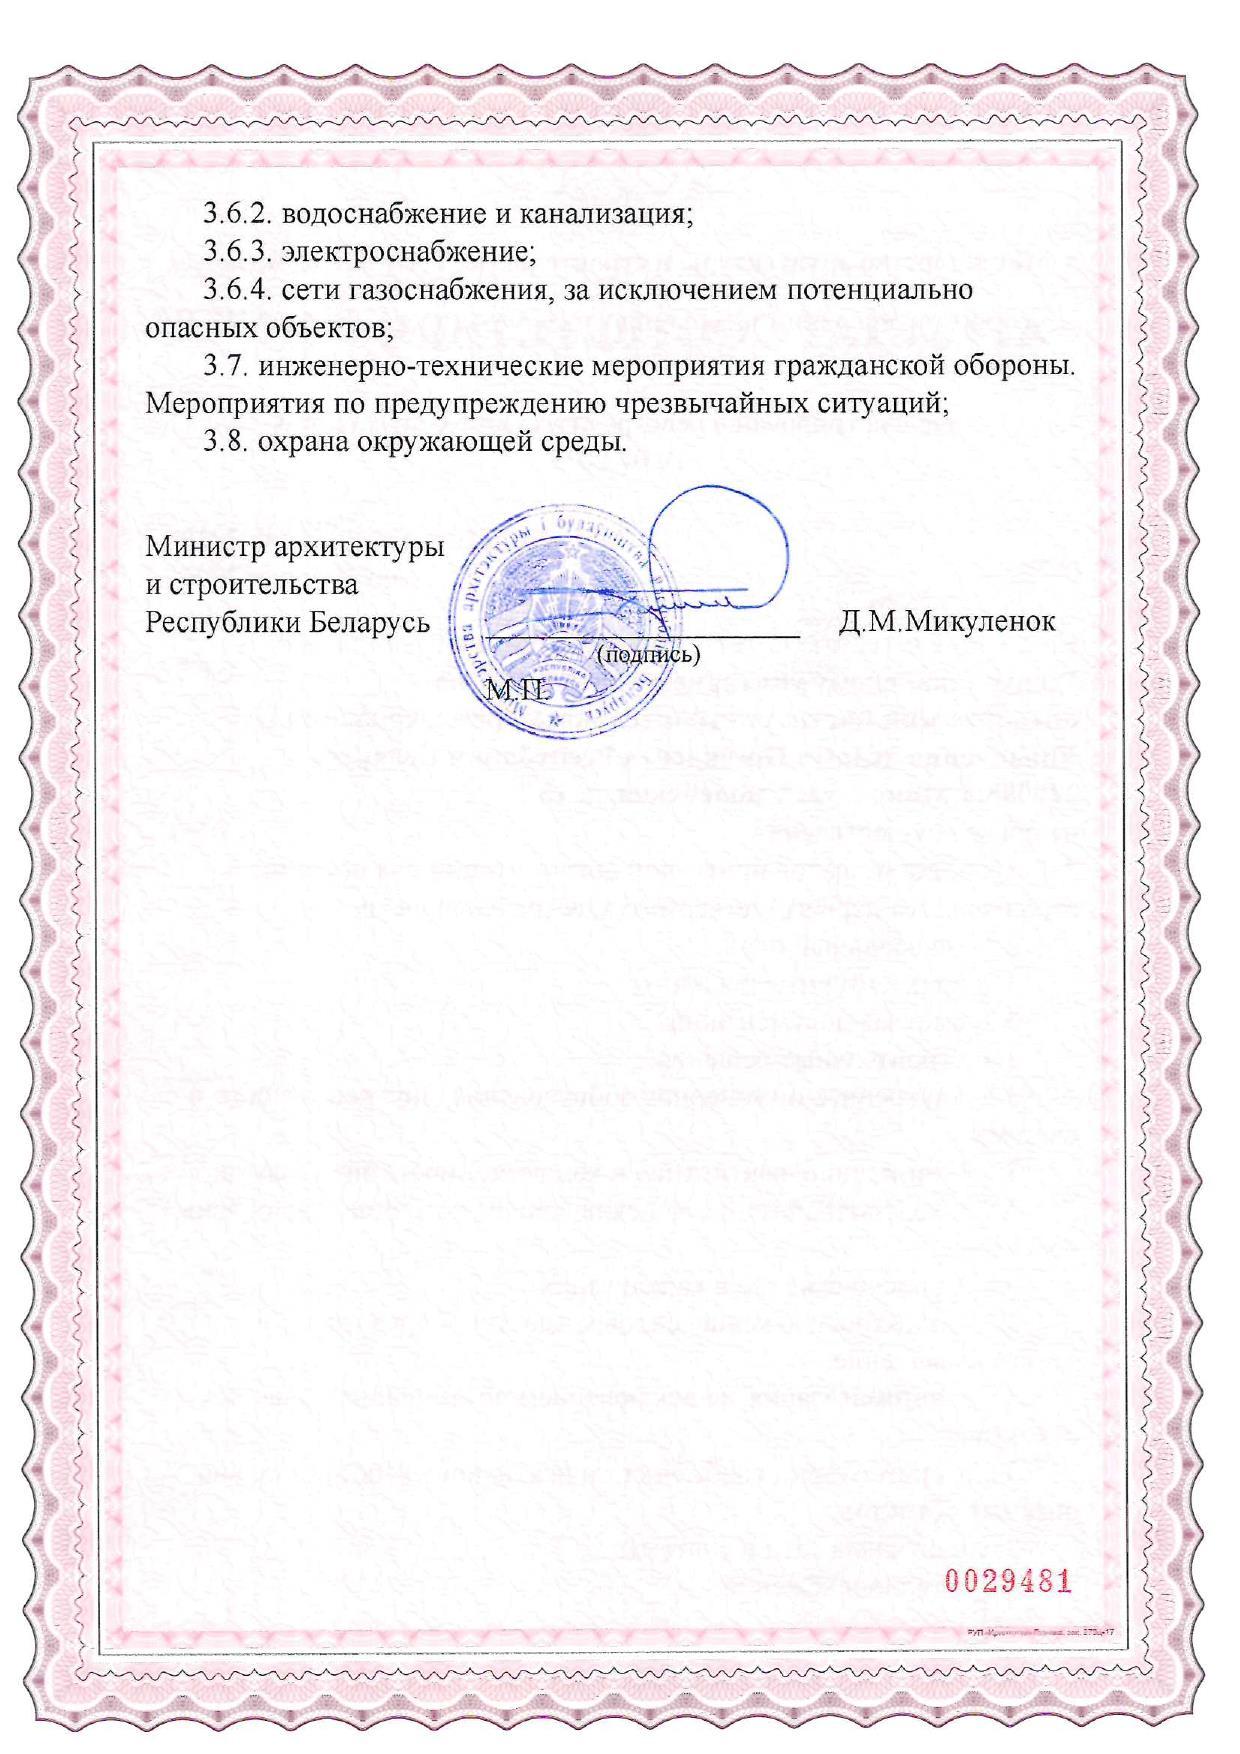 2.1 Аттестат соответсвия на право осуществления разработки разделов проектной документации